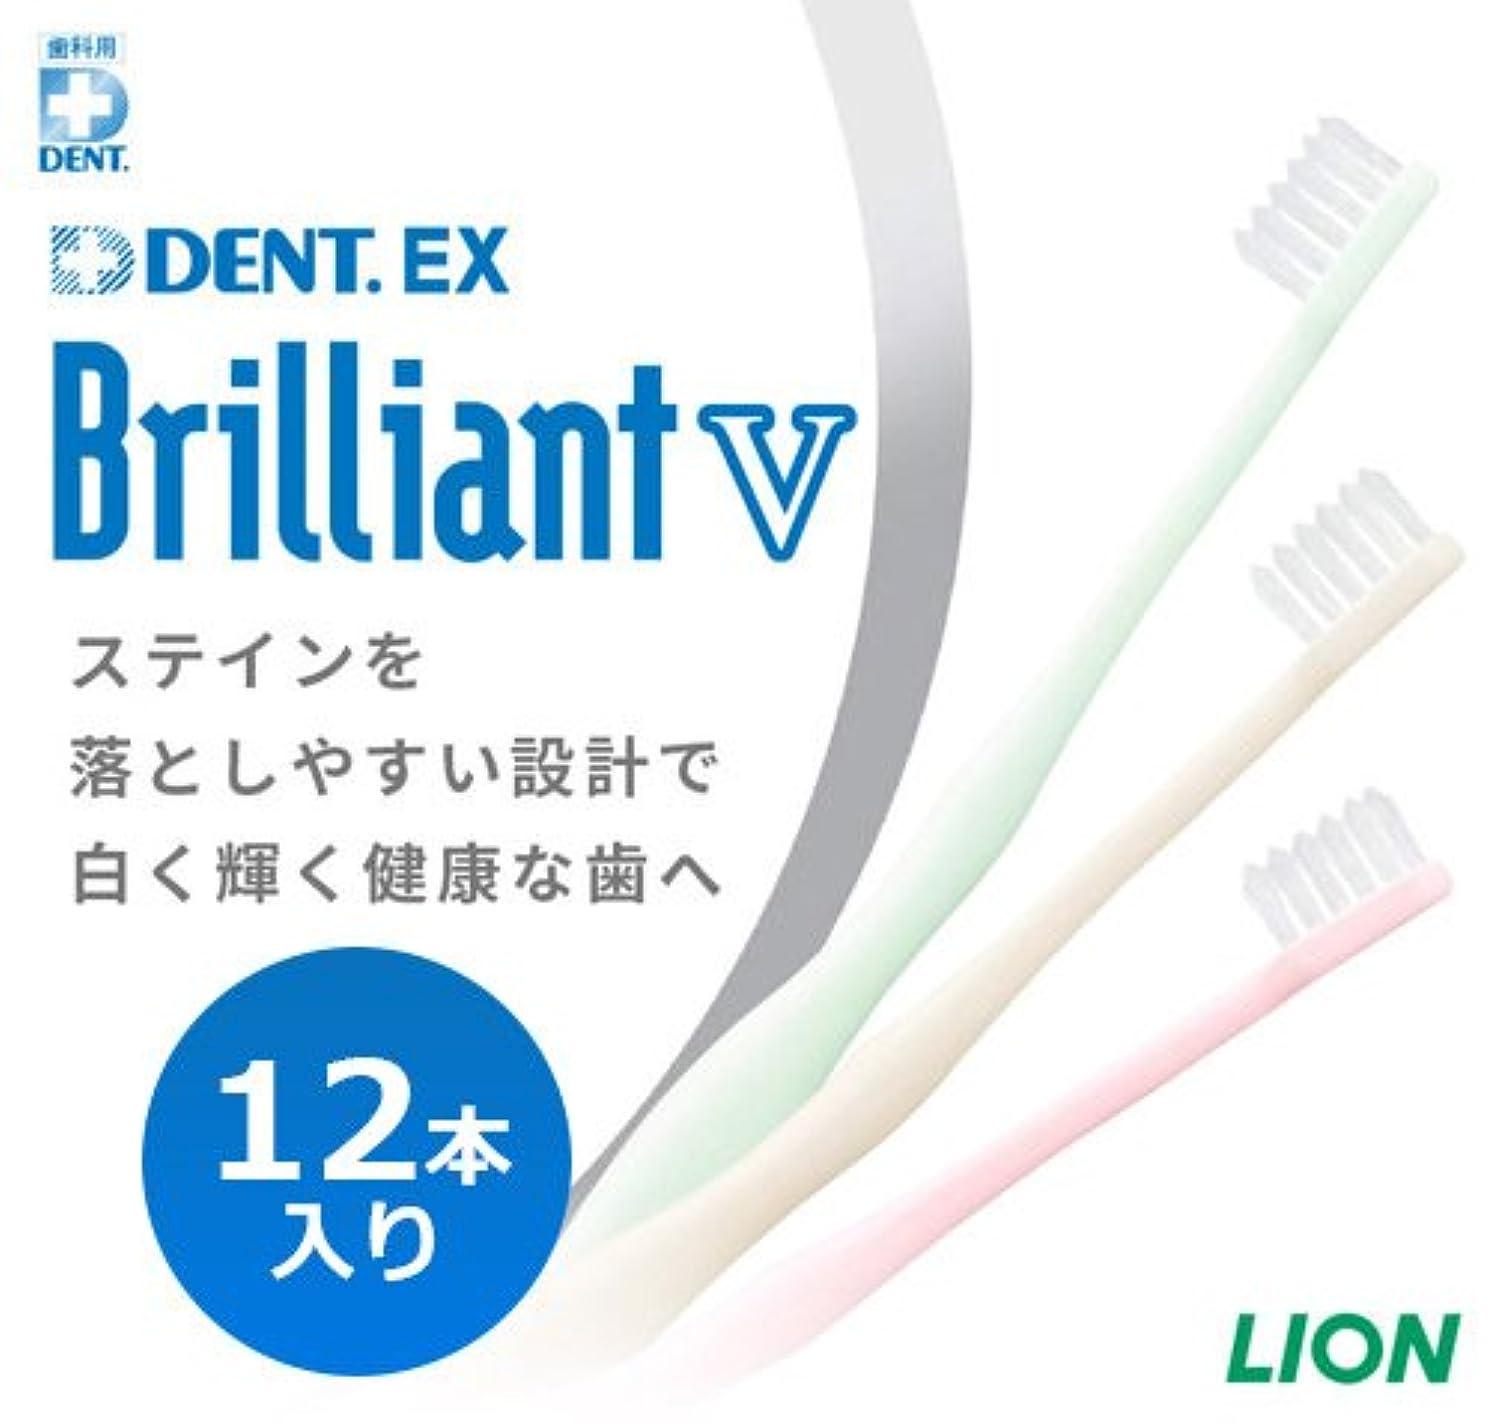 短命緊急協定ライオン DENT.EX ブリリアント V 歯ブラシ 12本